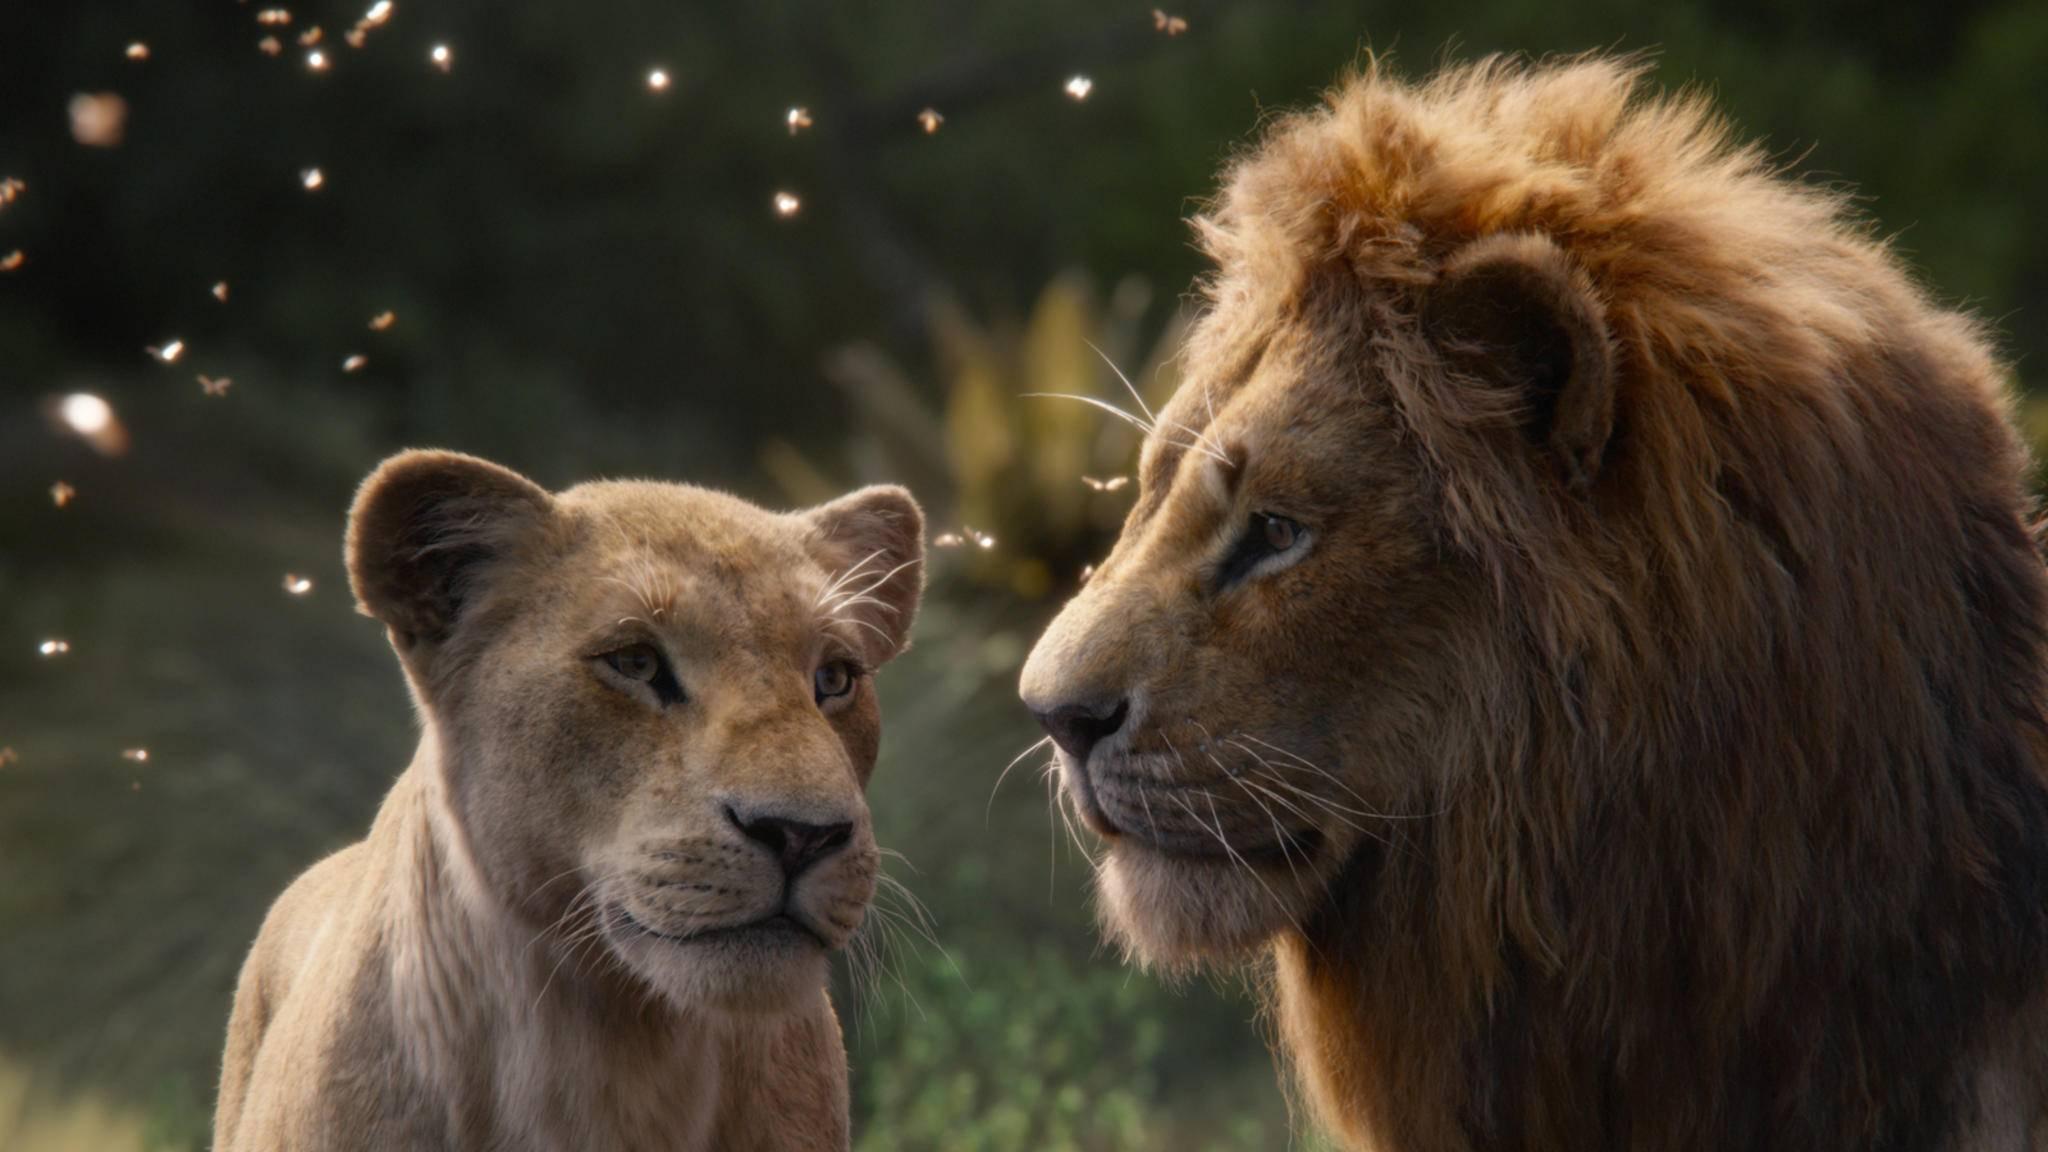 der-könig-der-löwen-nala-simba-2